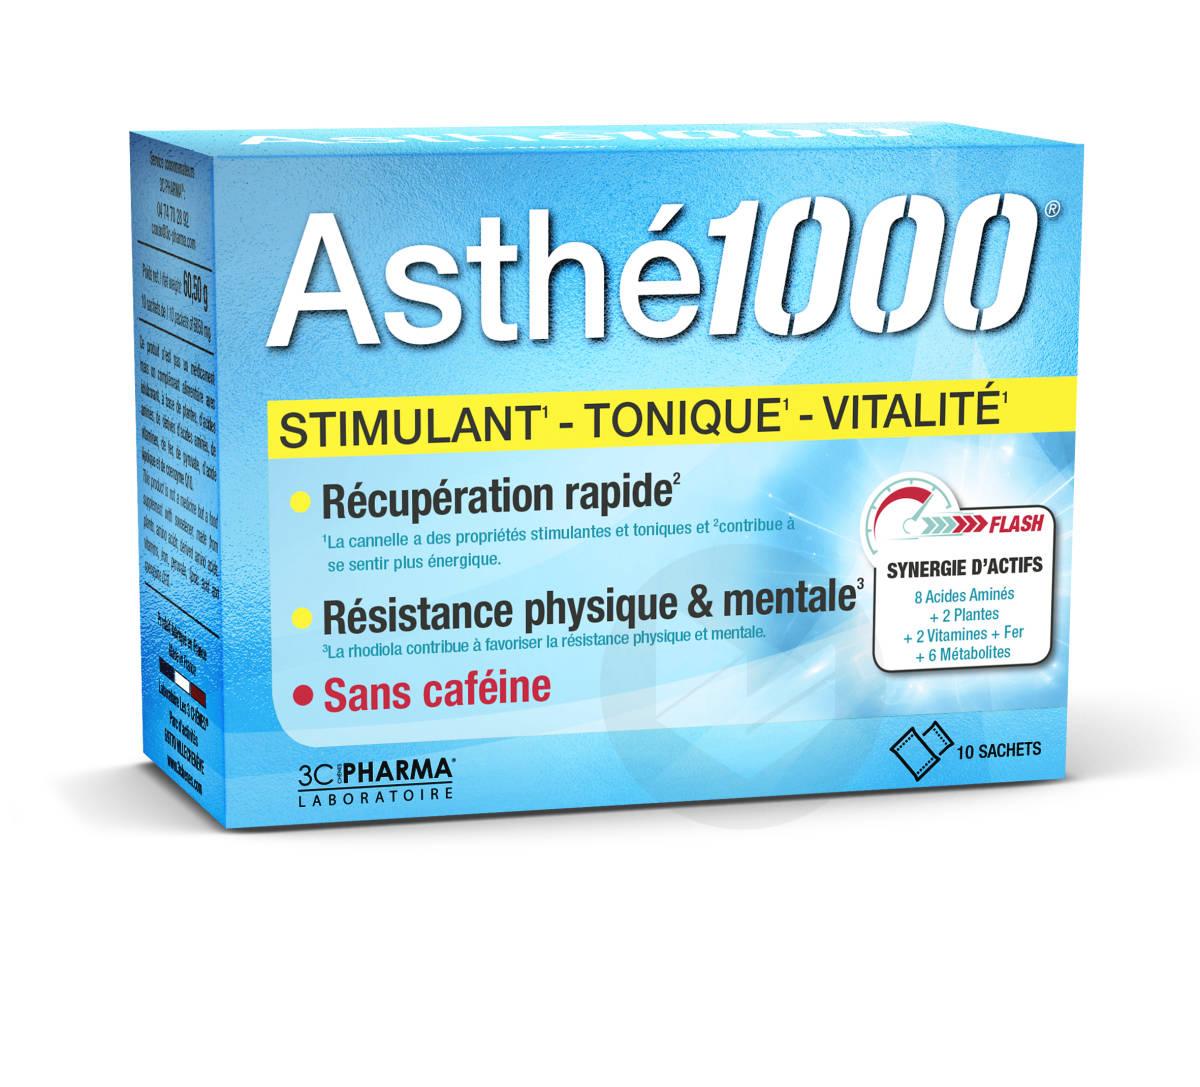 Asthe 1000 X 10